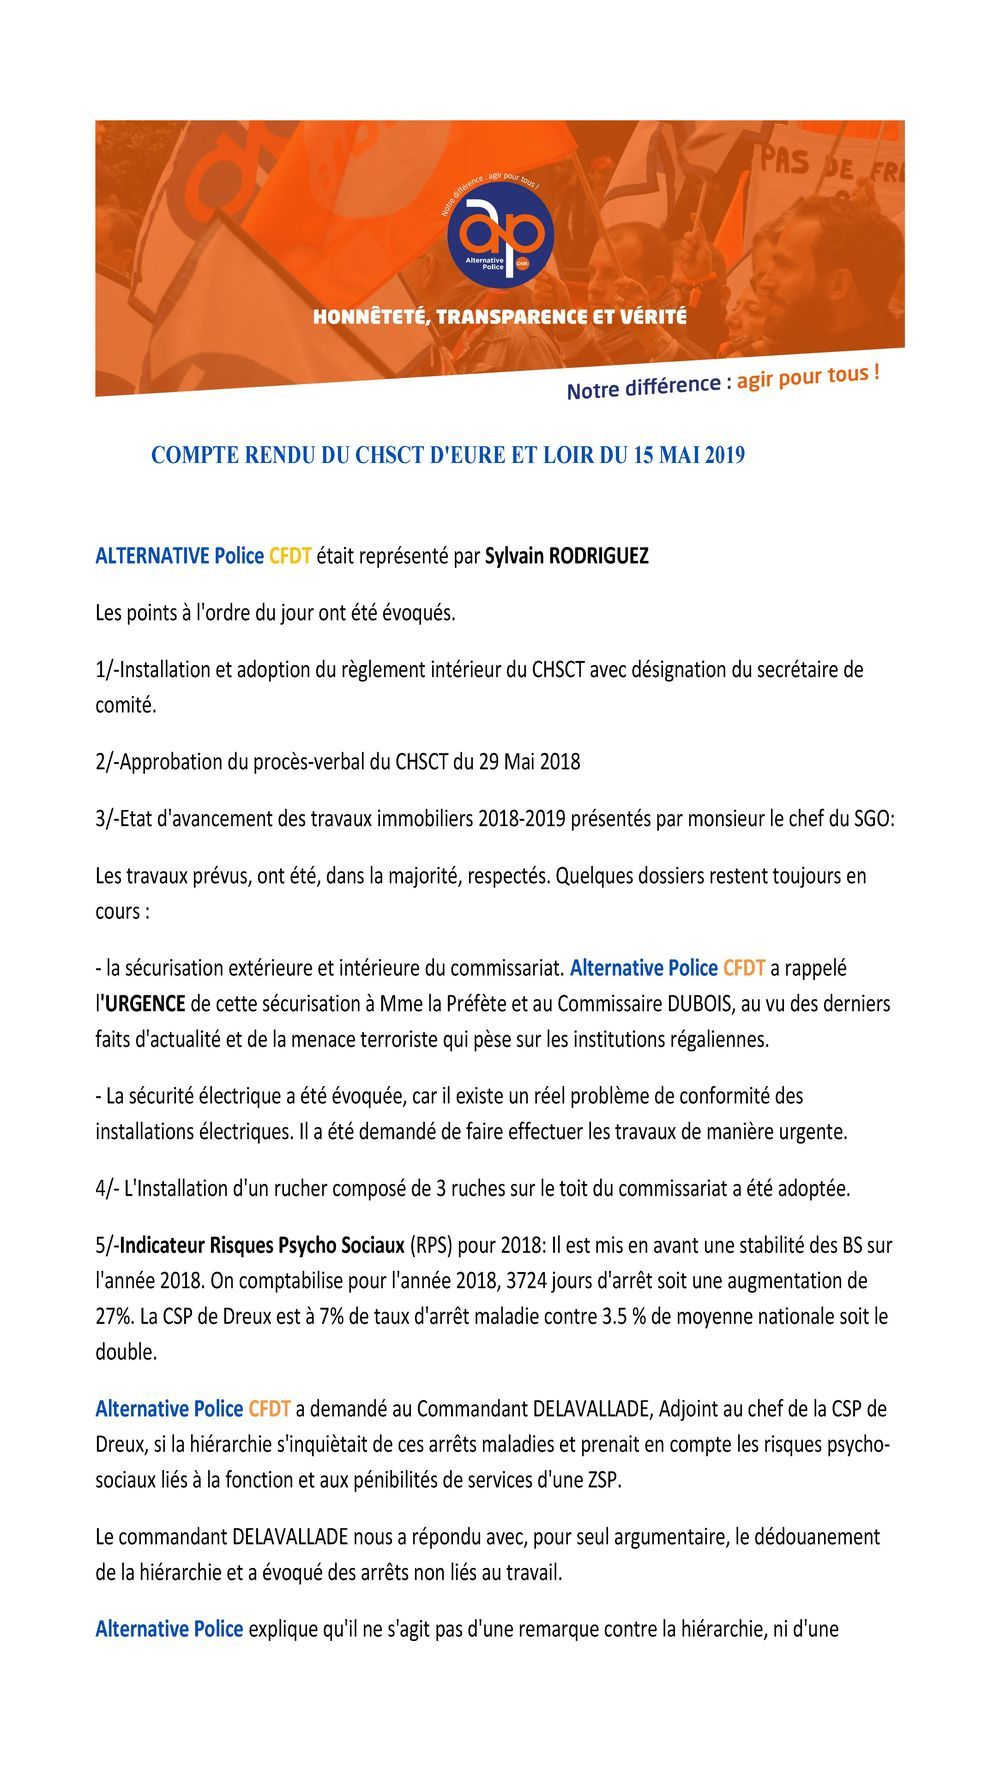 COMPTE RENDU DU CHSCT D'EURE ET LOIR DU 15 MAI 2019